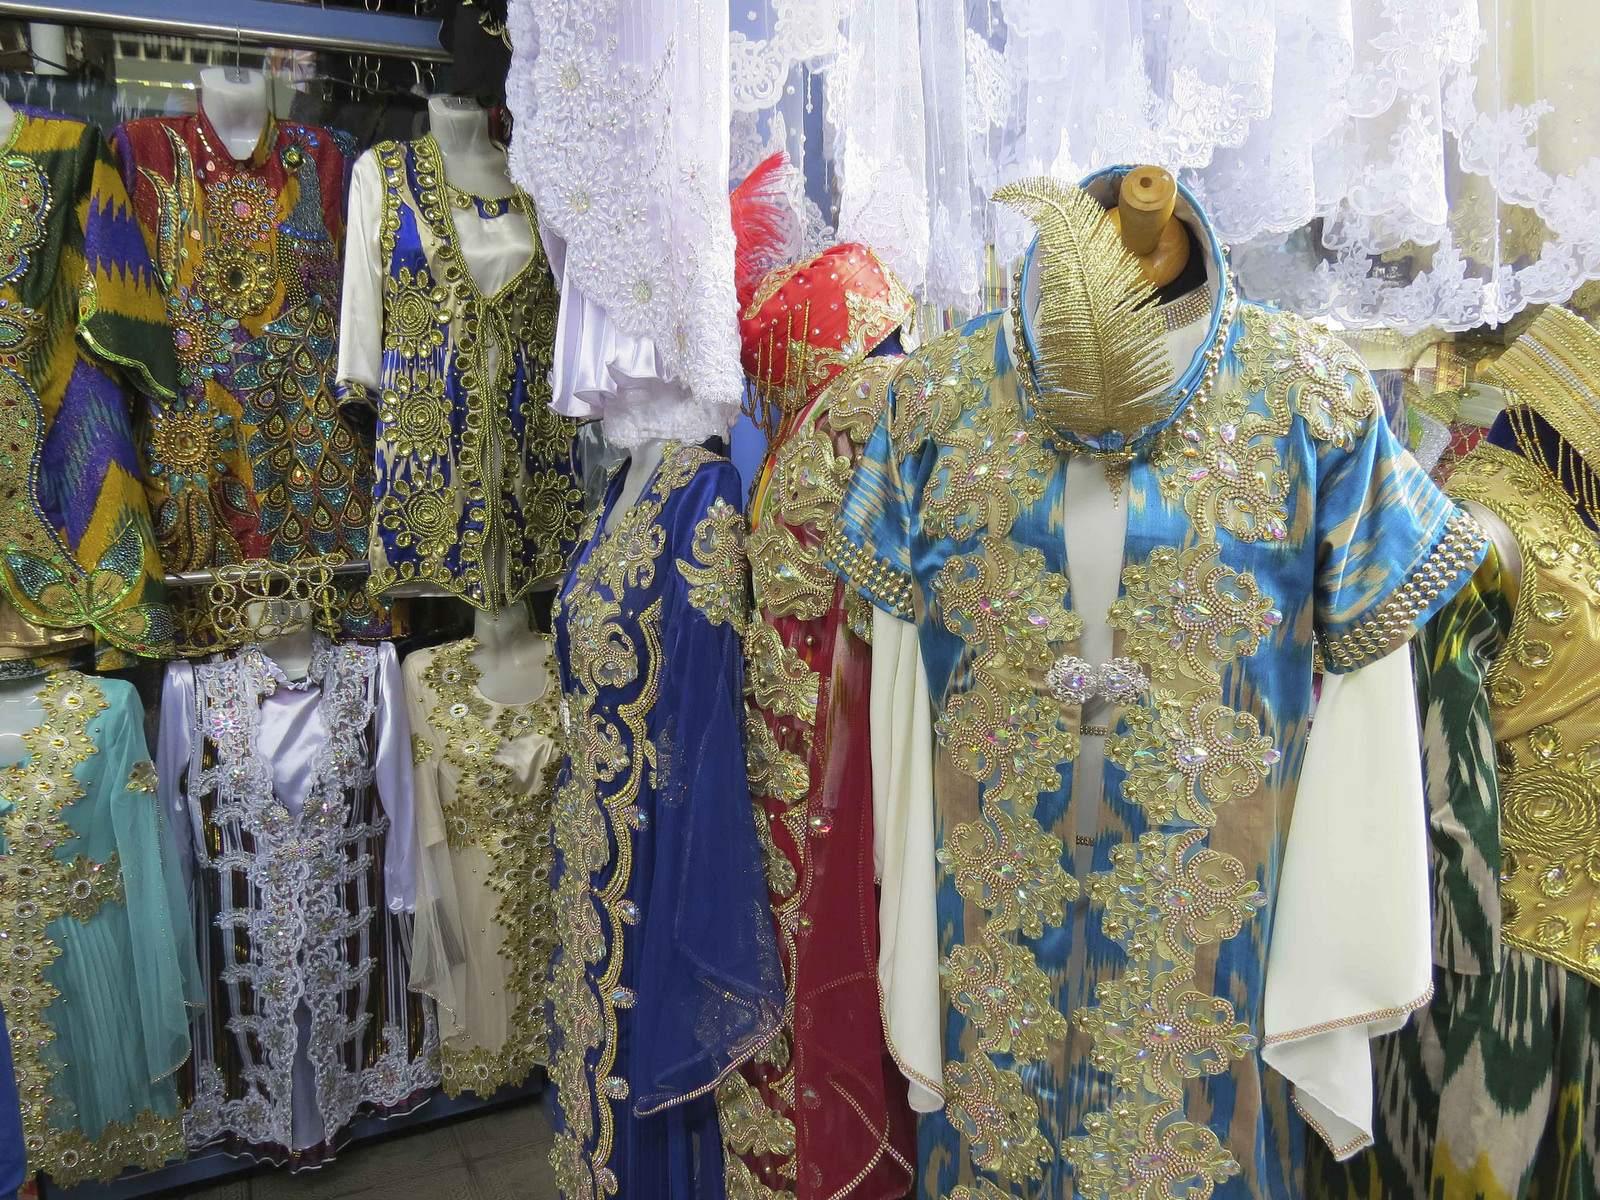 uzbekistan12 Uzbekistan   Travel to Central Asia